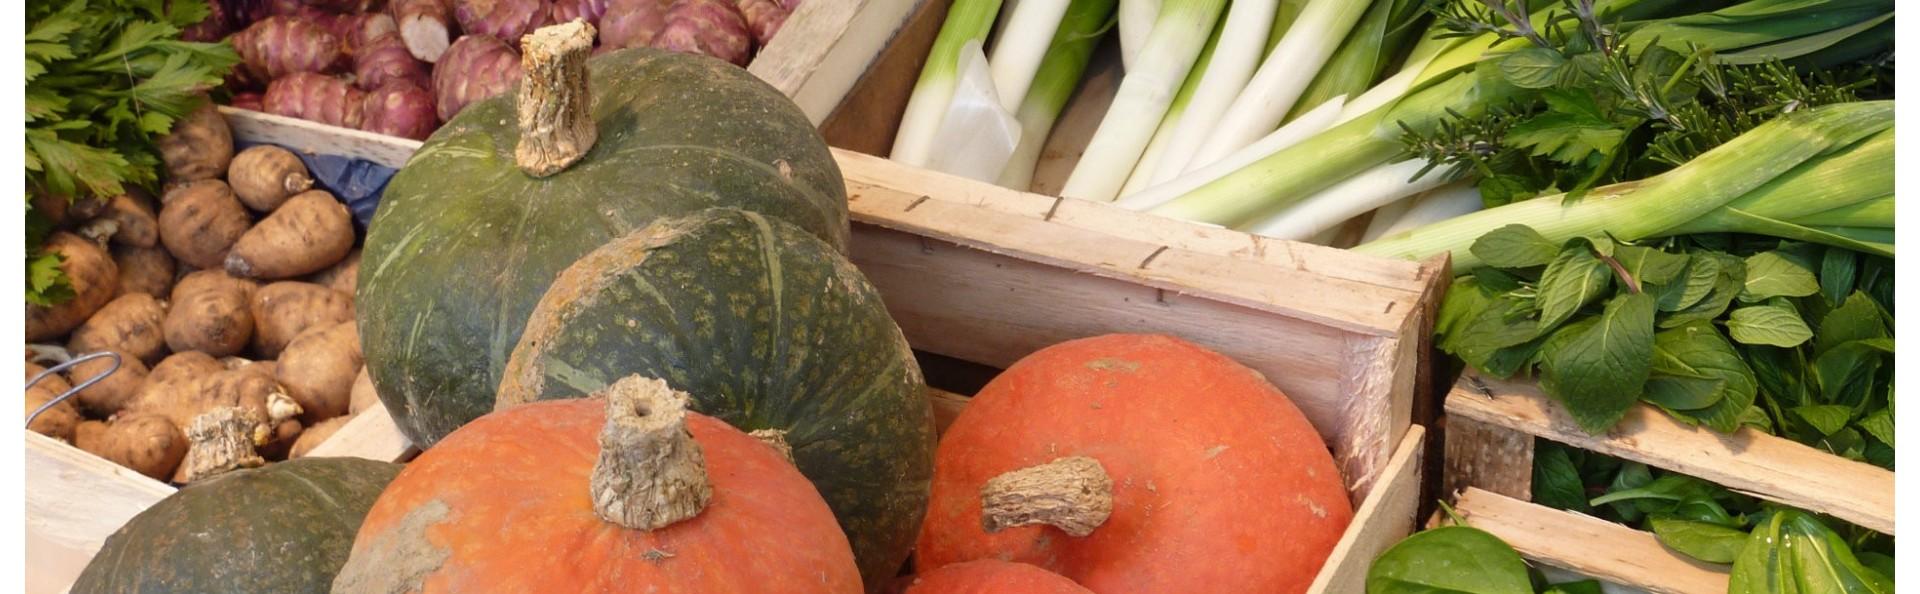 Tous les légumes  -